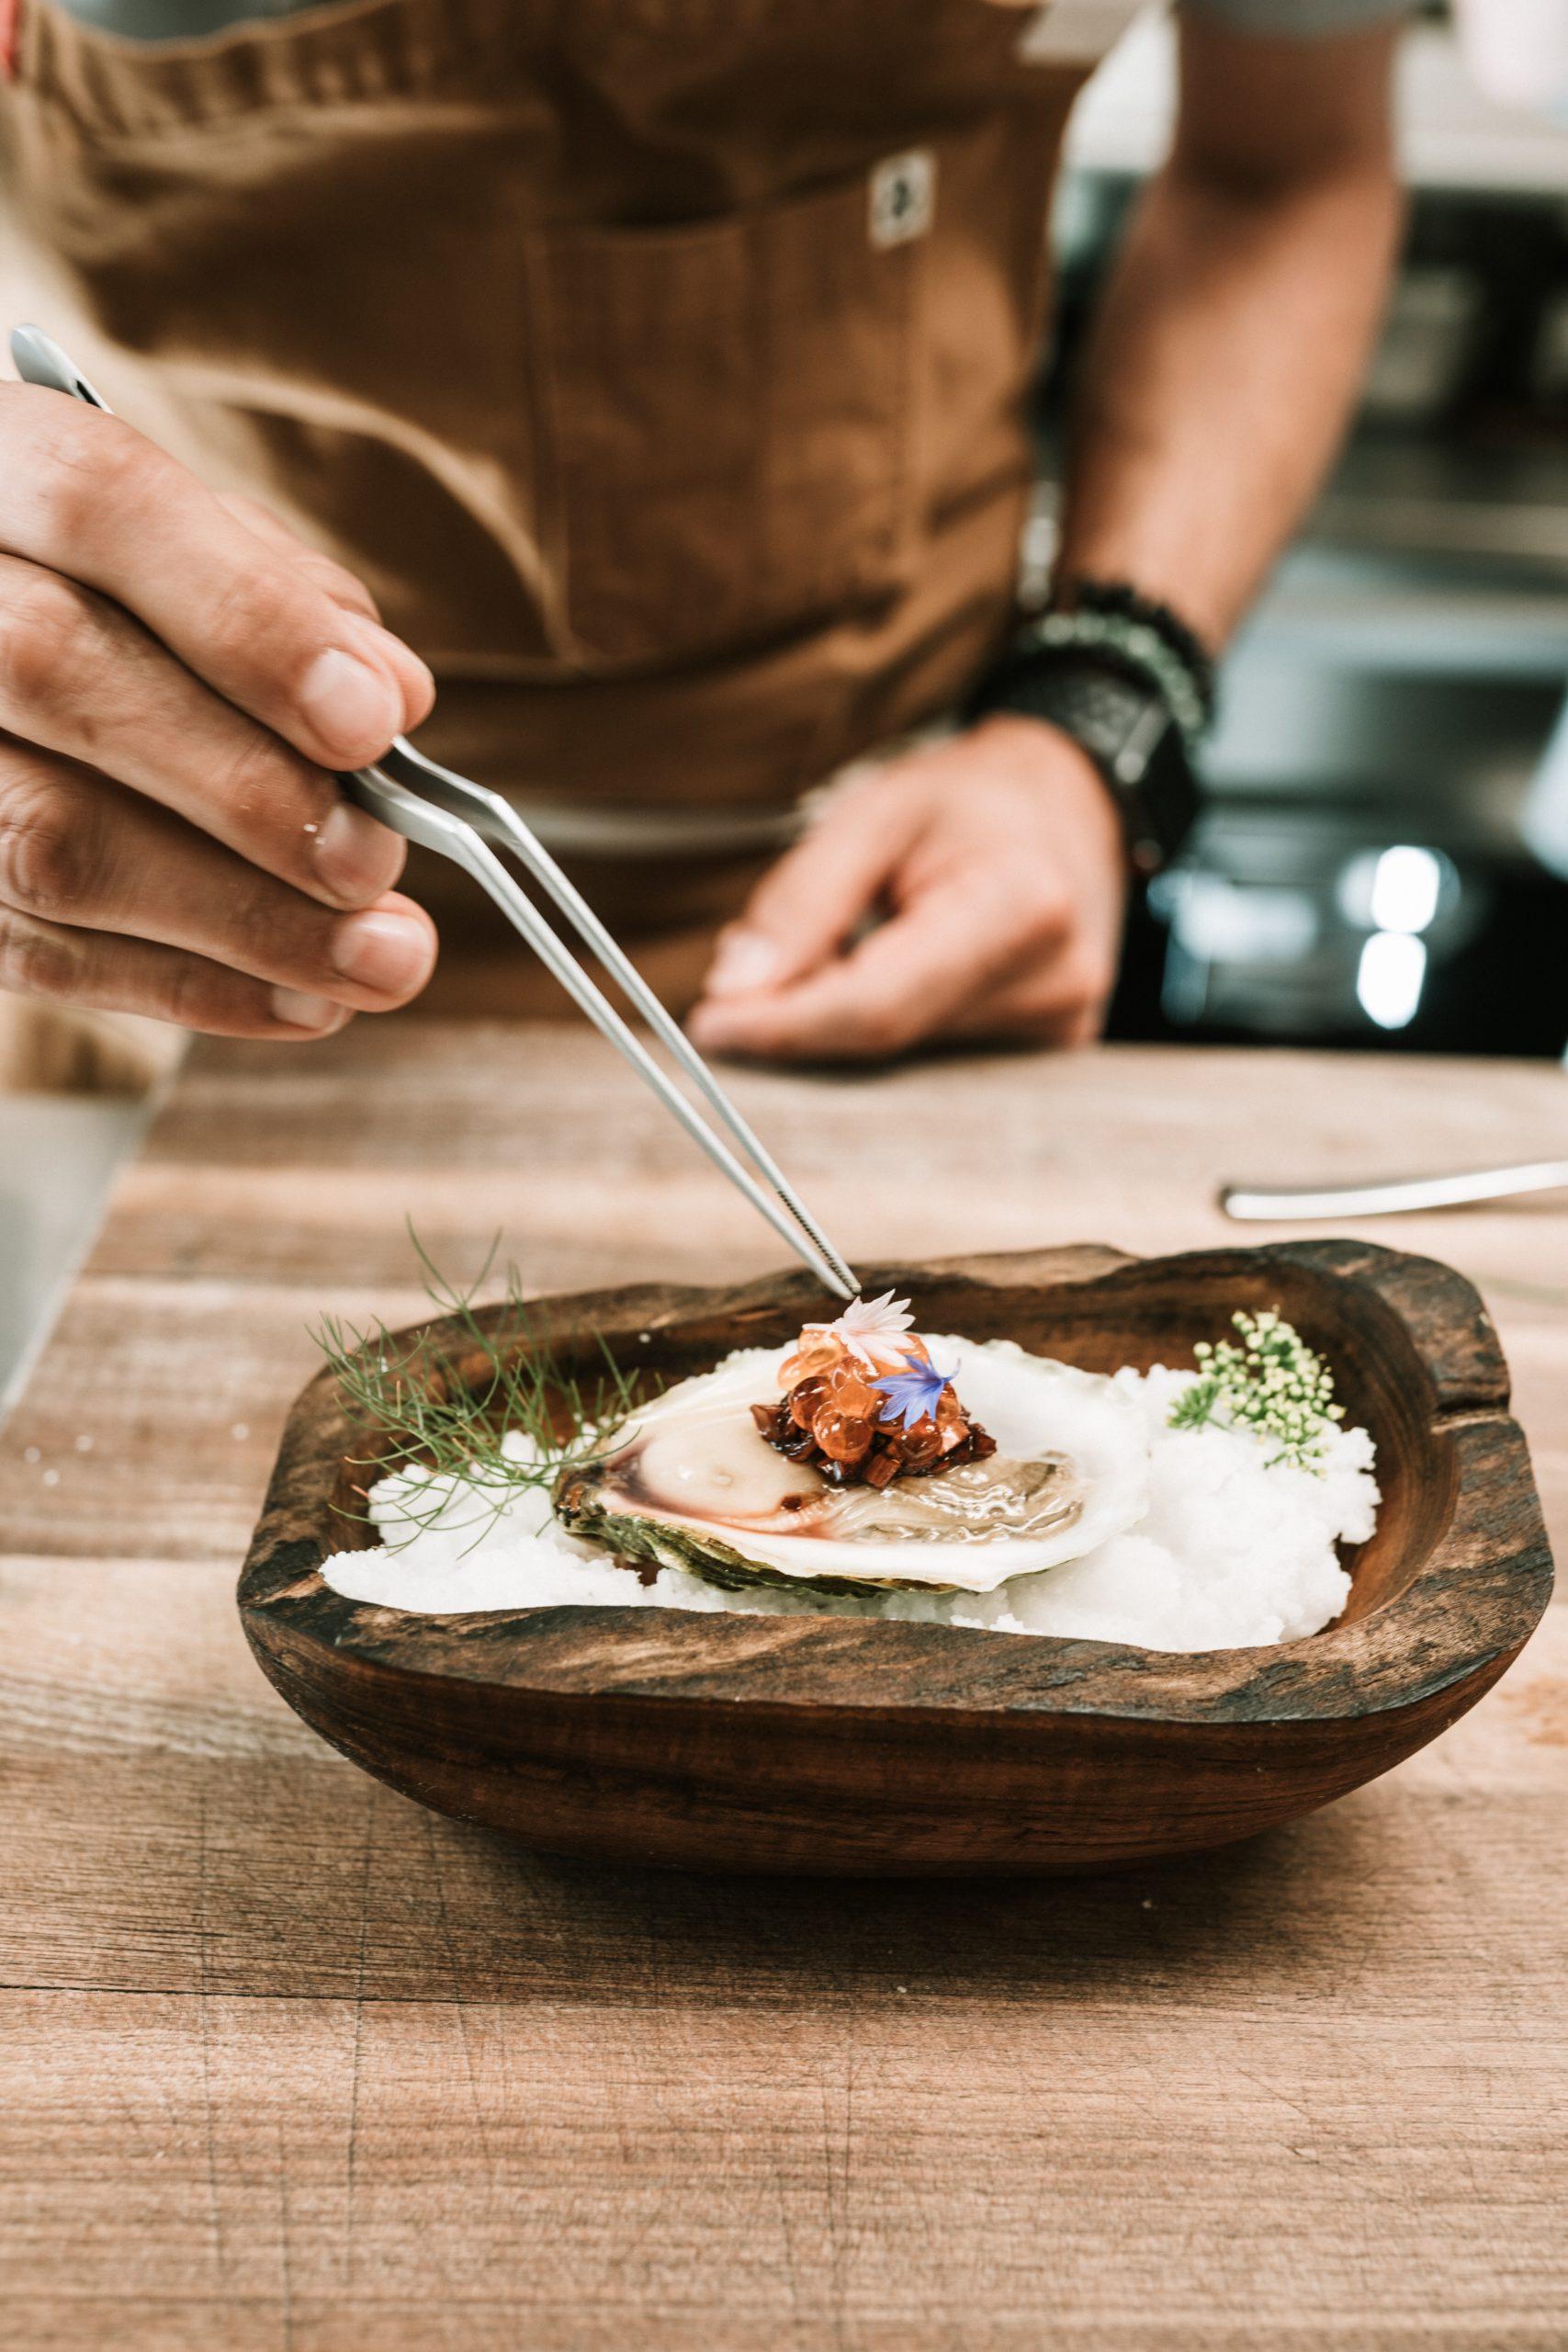 prive kok aan huis - kok aan huis voor 2 personen - prive chef aan huis - diner aan huis amsterdam - thuiskok voor 2 personen - kok aan huis amsterdam 2 personen - verrassingsdiner aan huis - oester